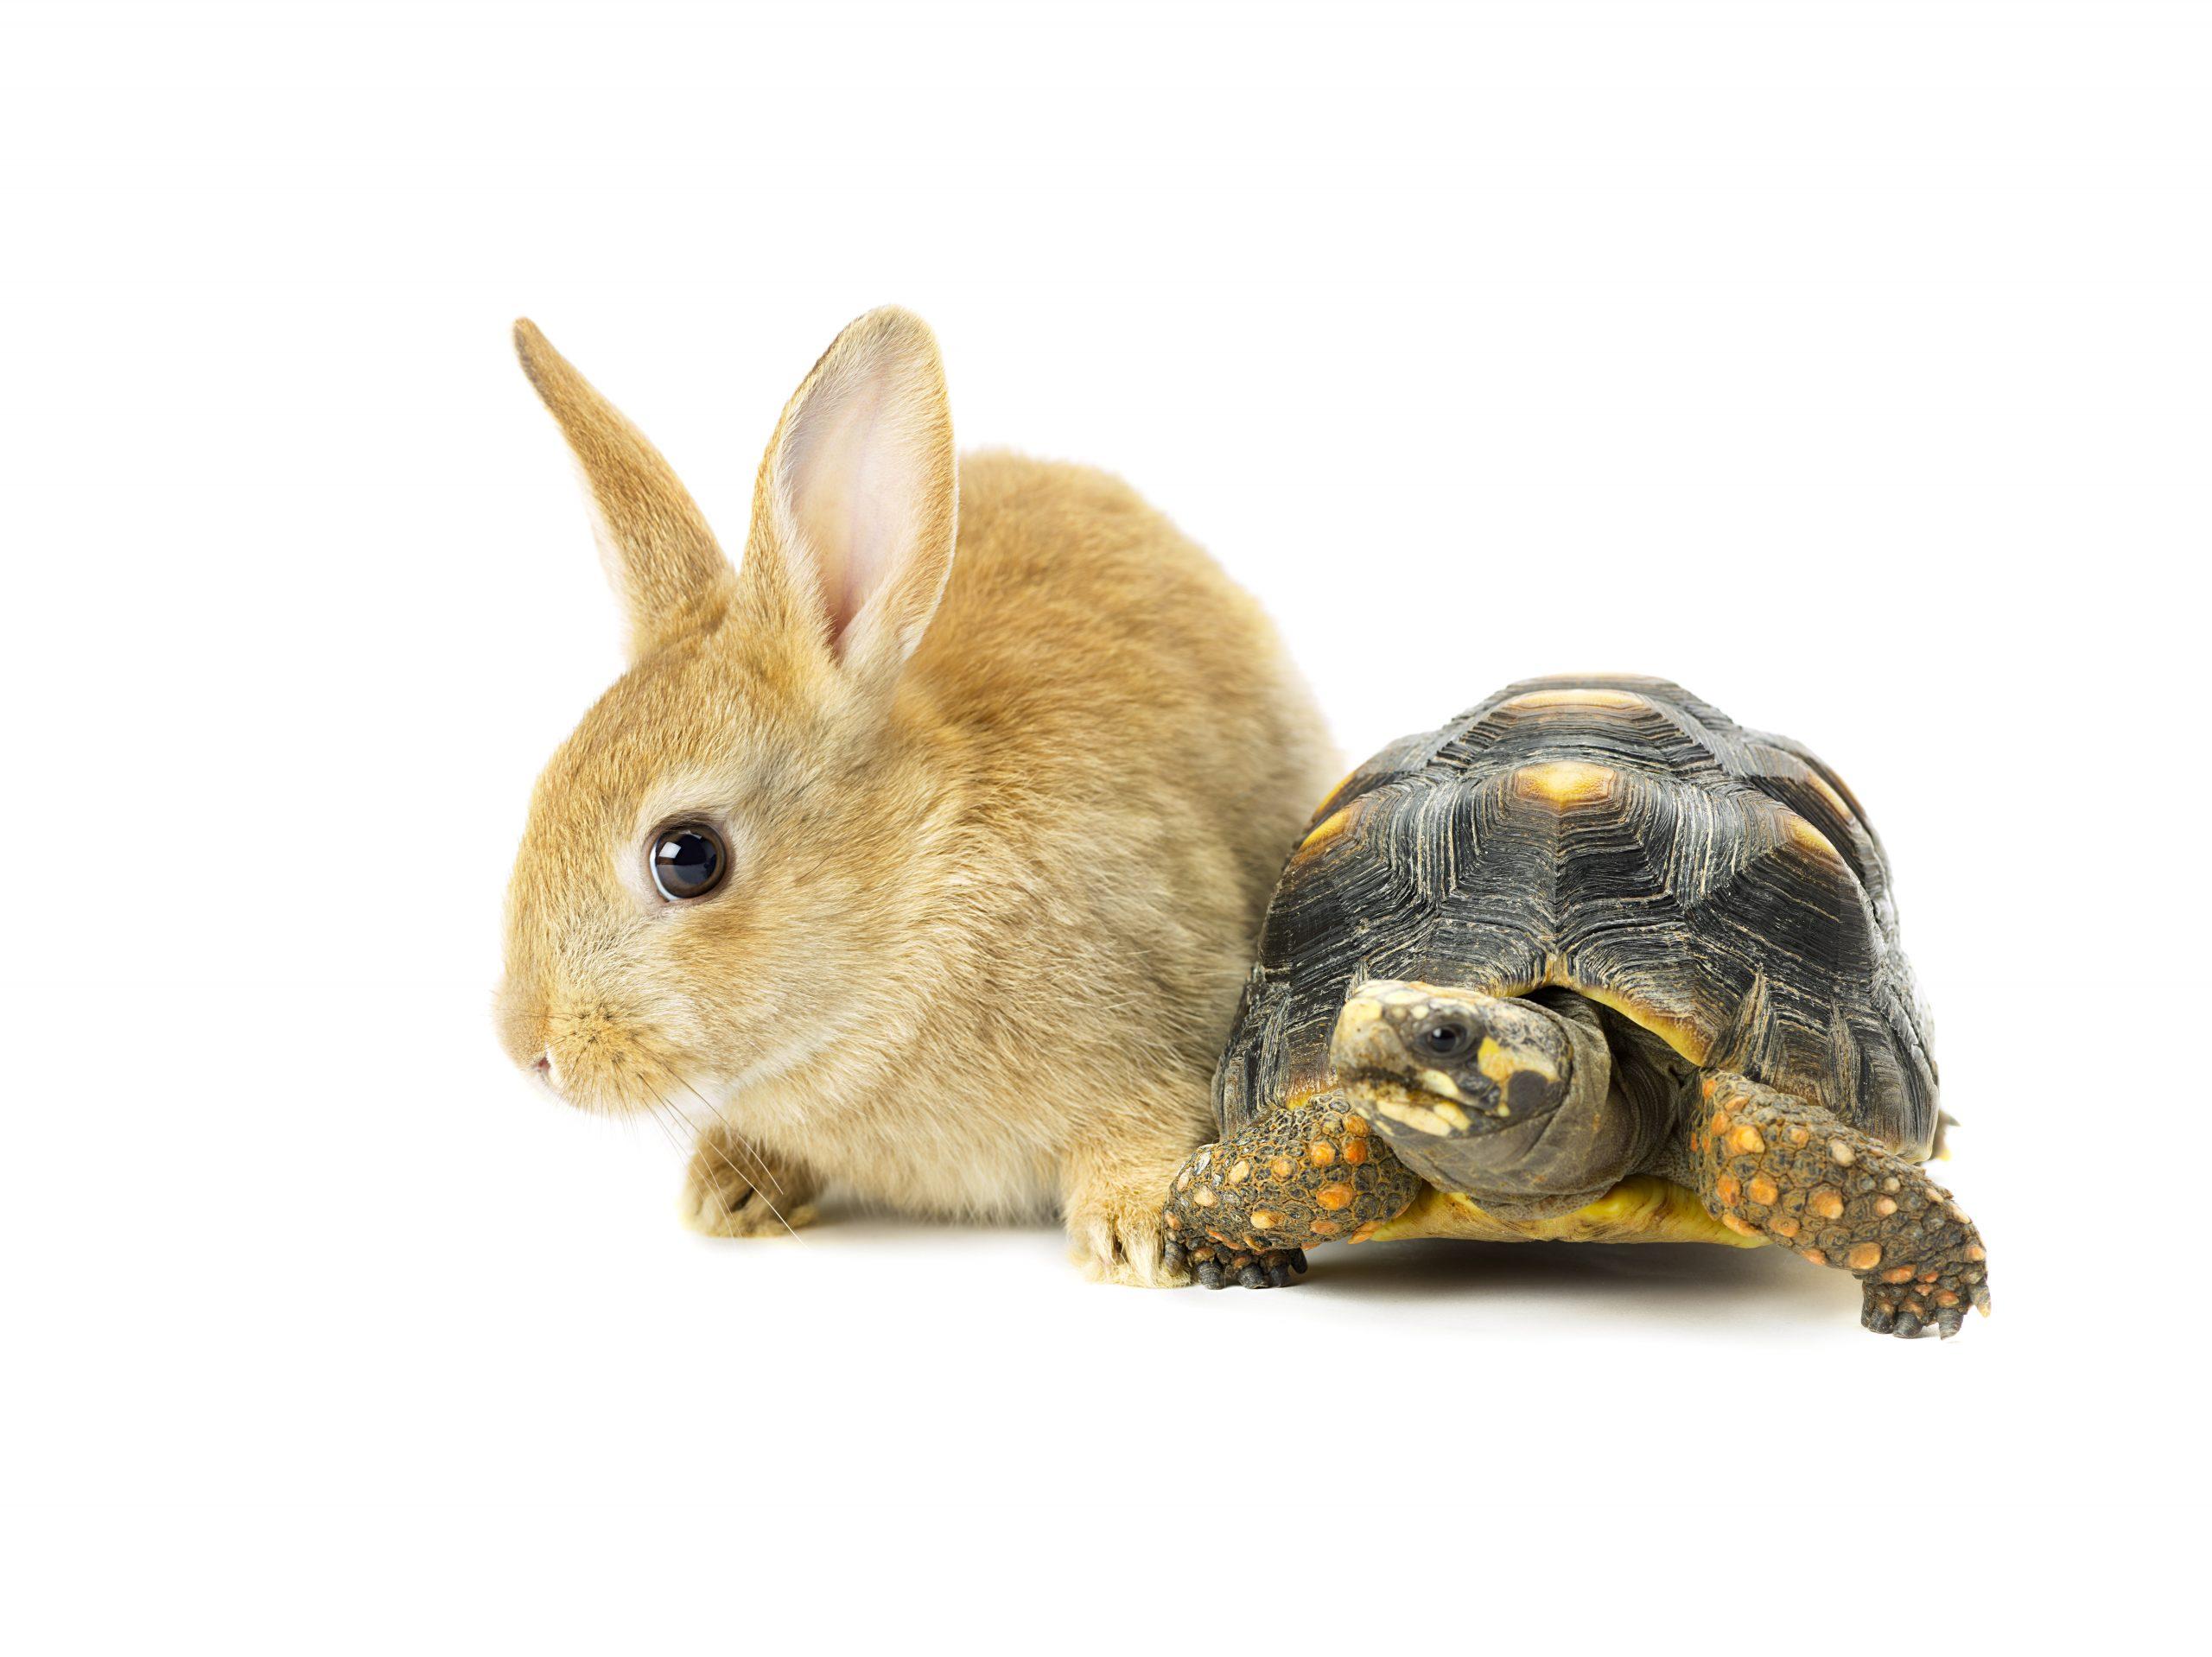 tortise vs hare